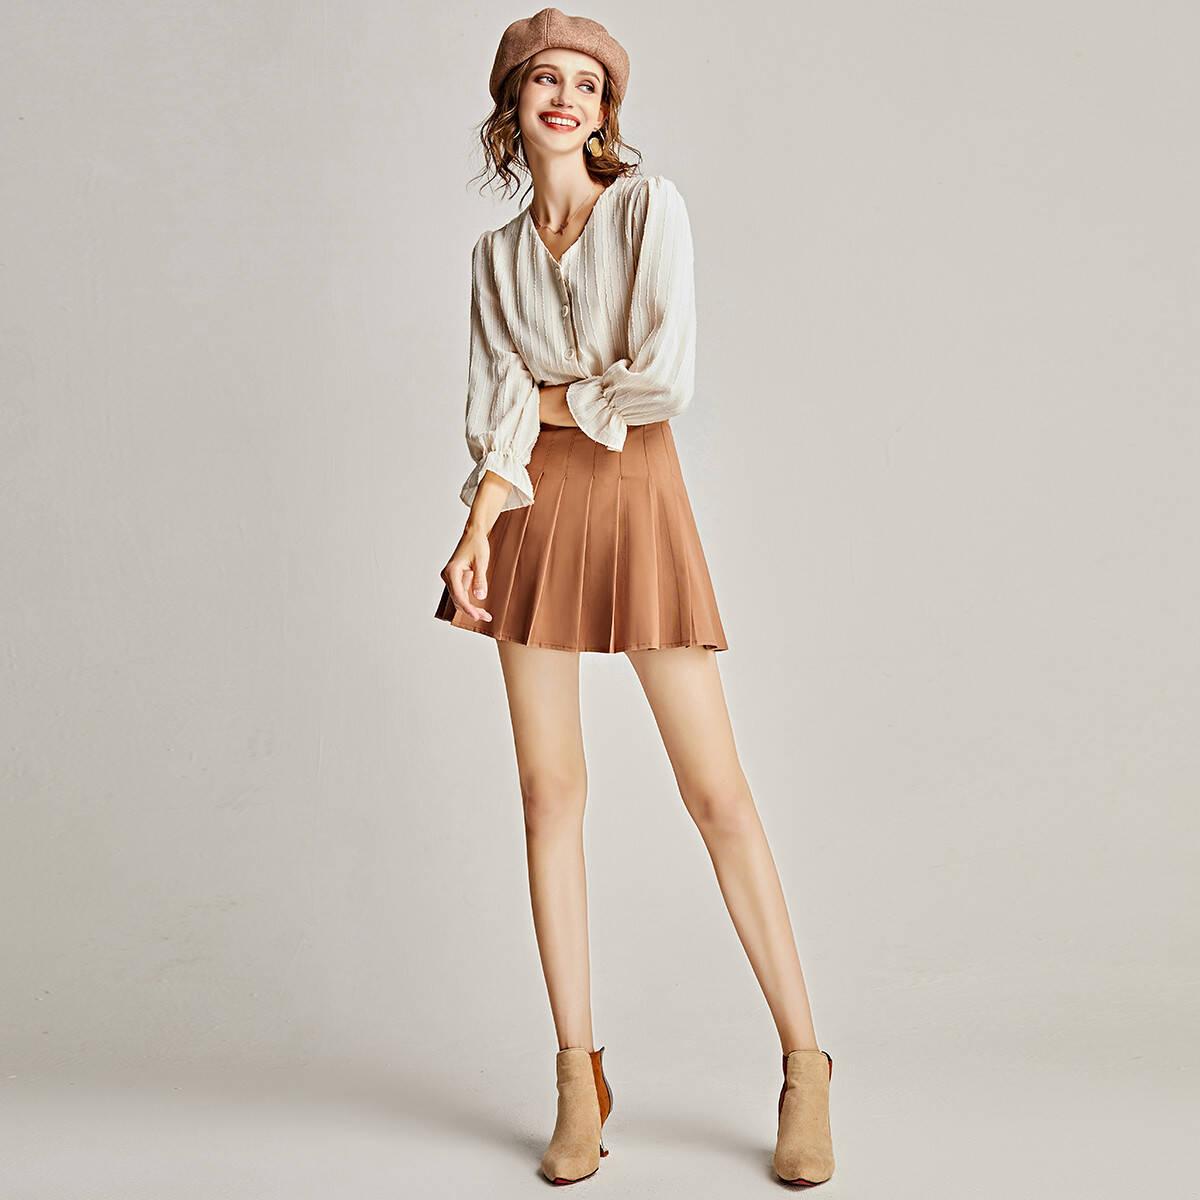 时装界的代名词 安阳戈蔓婷女装加盟店掀开时尚新篇章